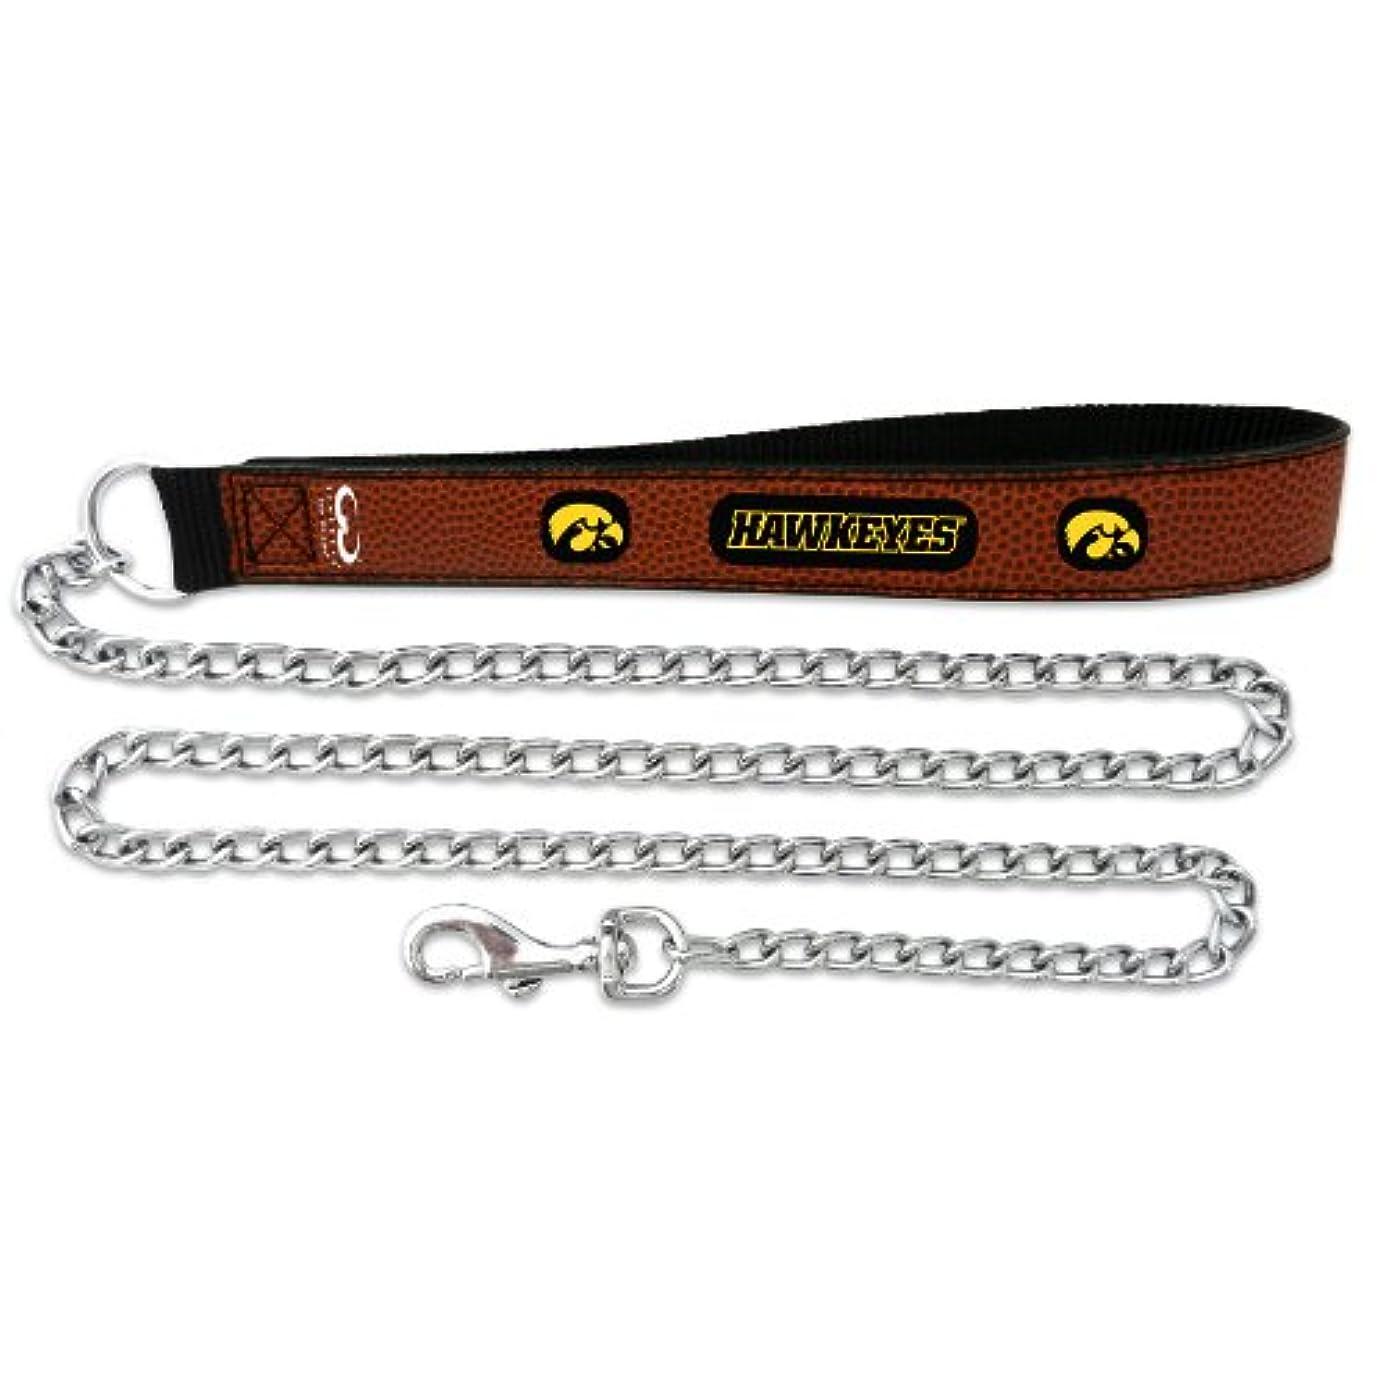 バリケード才能健全Iowa Hawkeyes Football Leather 2.5mm Chain Leash - M